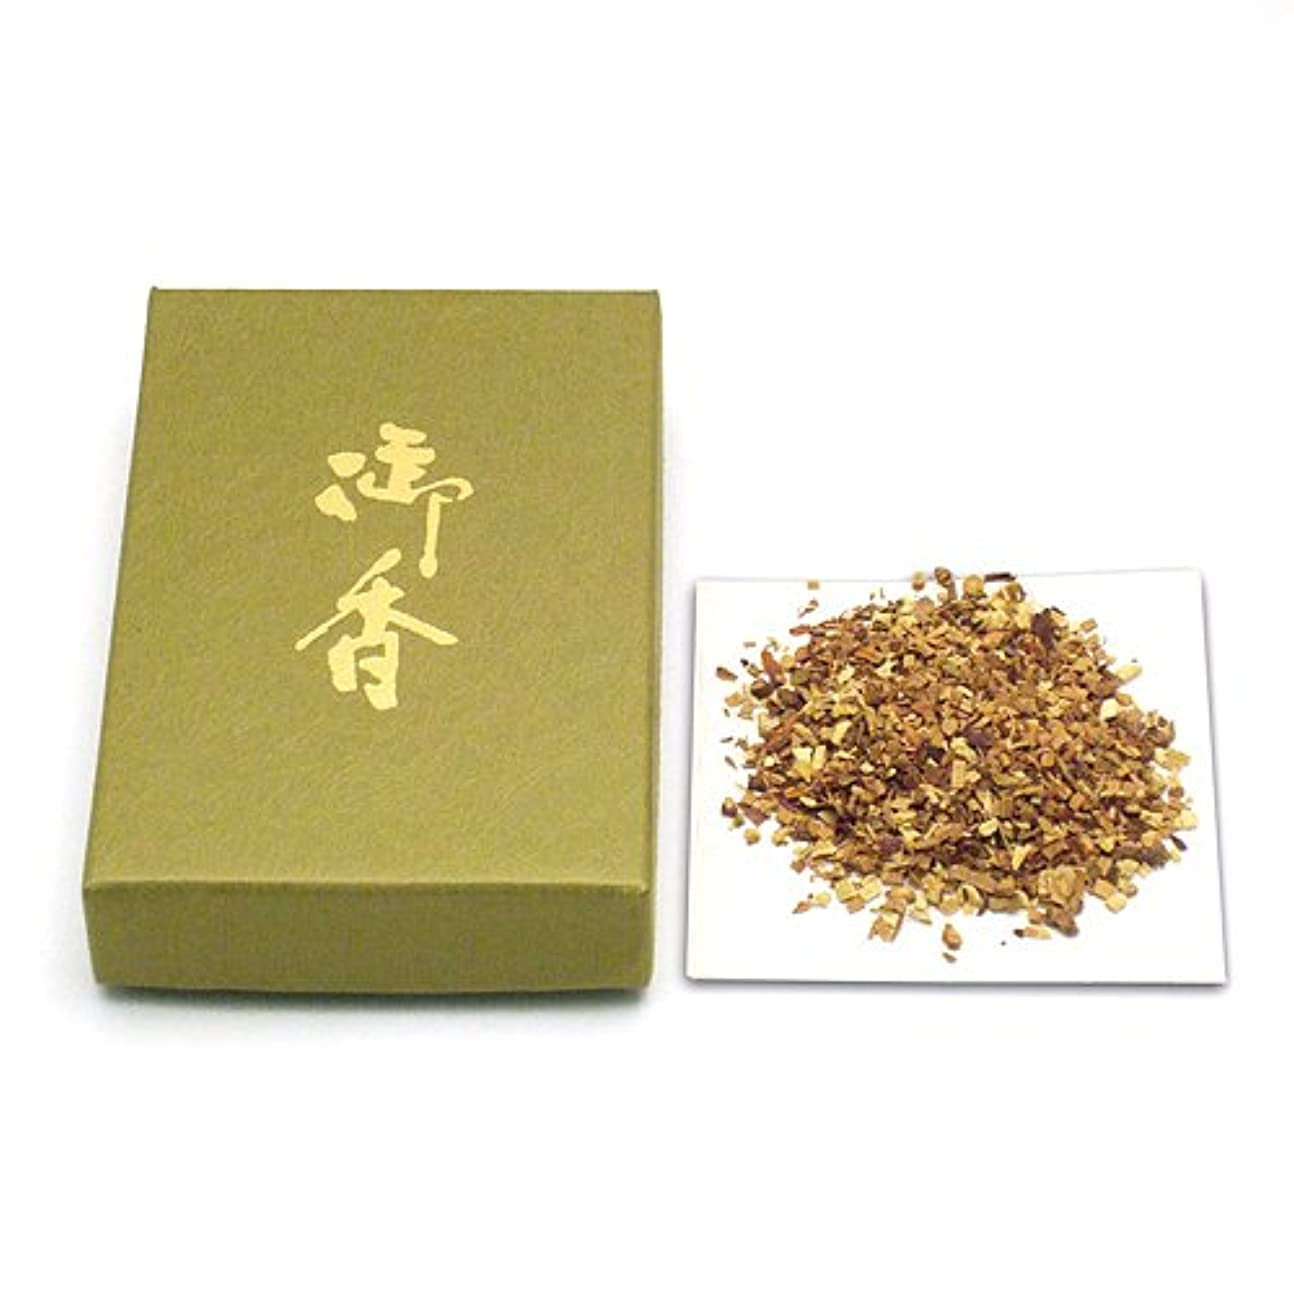 名誉ある阻害する酸素焼香用御香 瑞薫印 25g◆お焼香用の御香